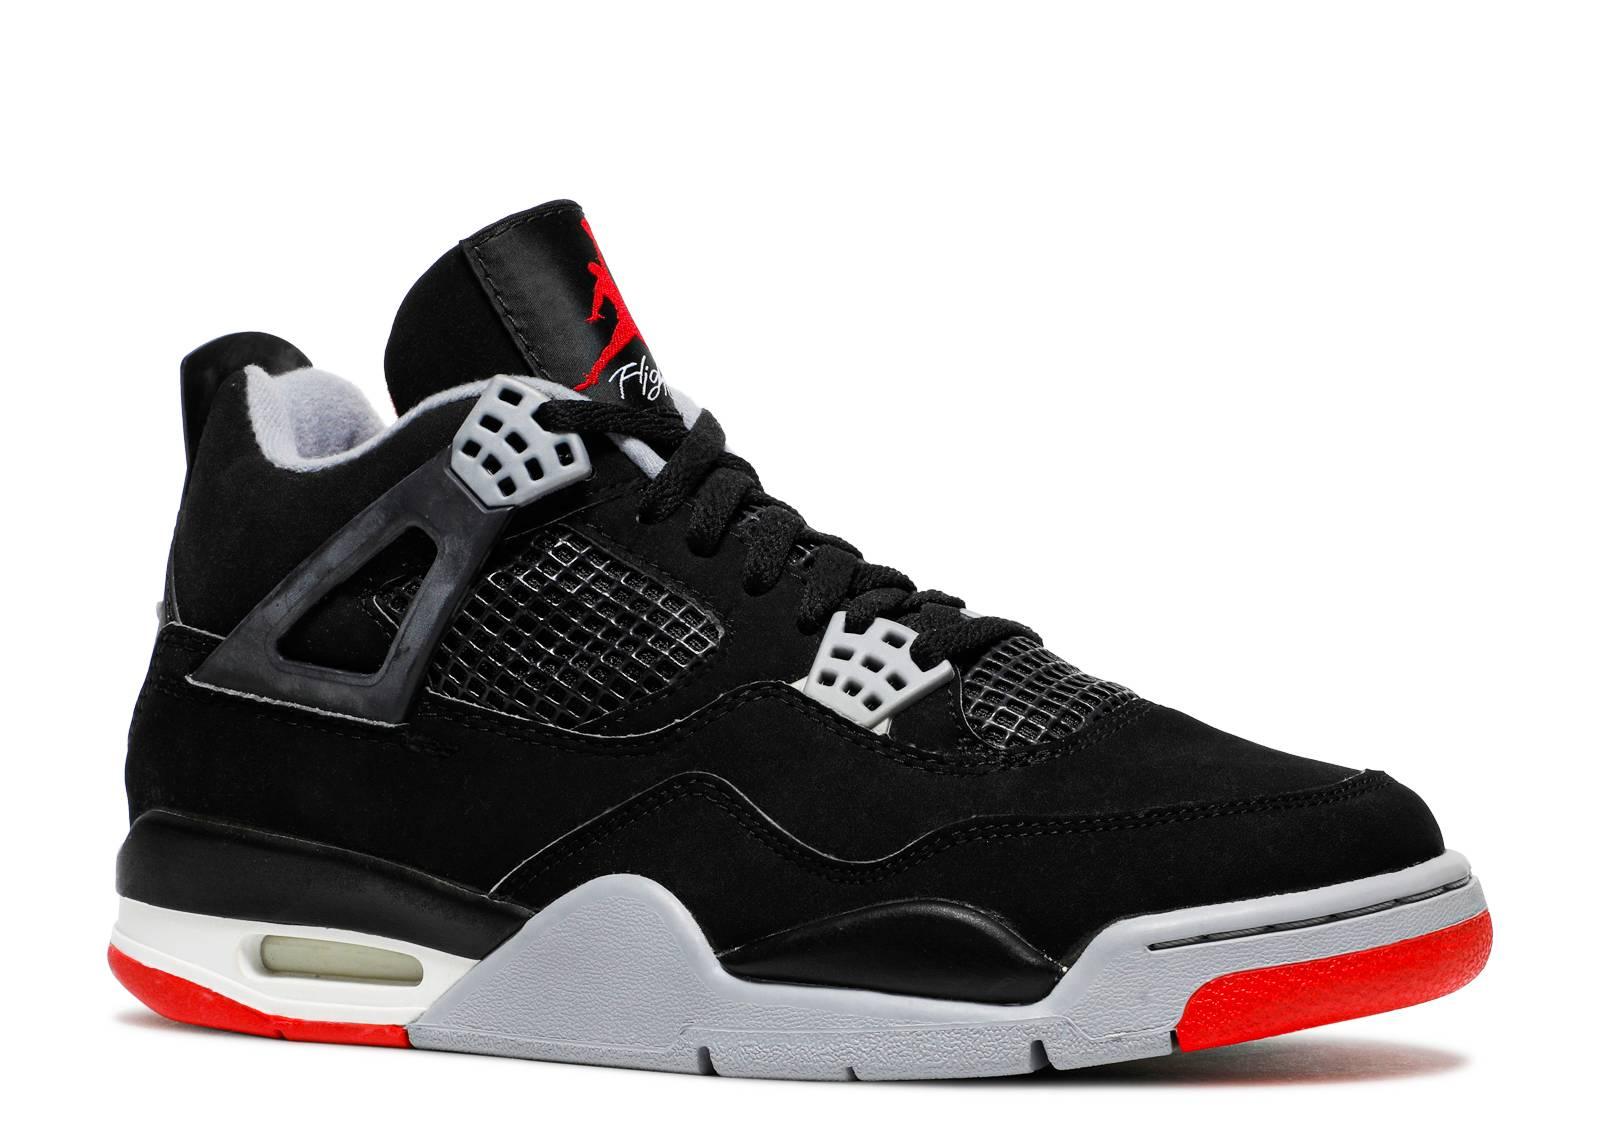 Jordan 4 Black Cement